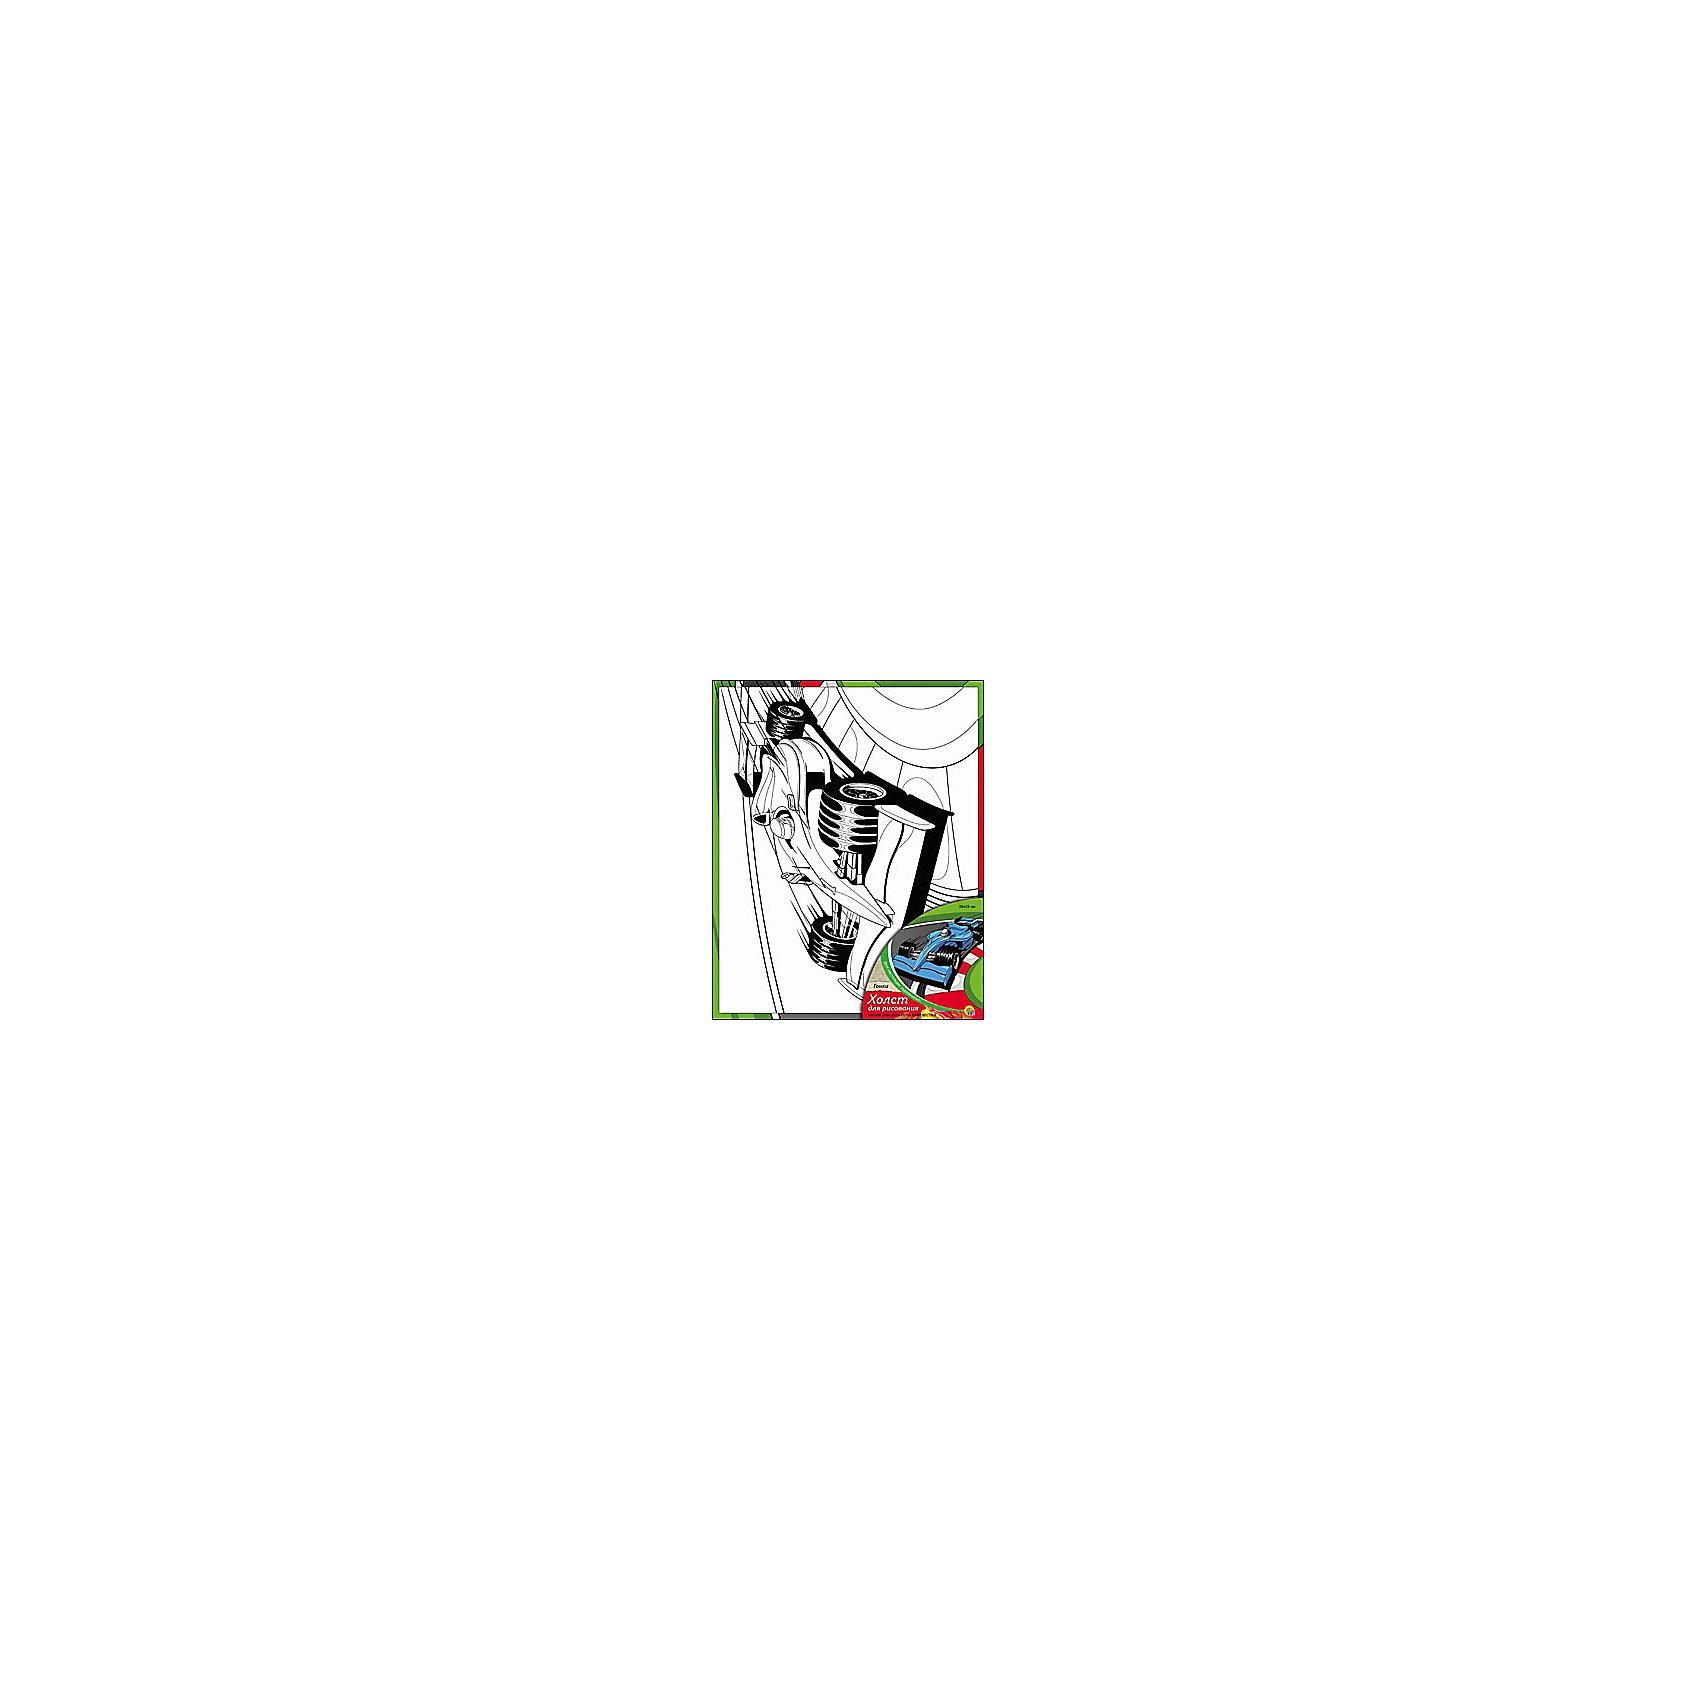 Холст с красками Гонки, 20х25 смХолст с красками Гонки - прекрасный подарок детям, которые любят рисовать. В наборе вы найдете всё, что нужно для детского творчества: холст с эскизом, яркие краски и кисточка. Готовую картинку можно подарить друзьям или украсить свою комнату!<br><br>Дополнительная информация:<br>В наборе: холст-эскиз, 7 акриловых красок, кисточка<br>Размер: 20х1,5х25 см<br>Вес: 210 грамм<br>Холст с красками Гонки можно купить в нашем интернет-магазине.<br><br>Ширина мм: 250<br>Глубина мм: 15<br>Высота мм: 200<br>Вес г: 210<br>Возраст от месяцев: 36<br>Возраст до месяцев: 120<br>Пол: Унисекс<br>Возраст: Детский<br>SKU: 4939519